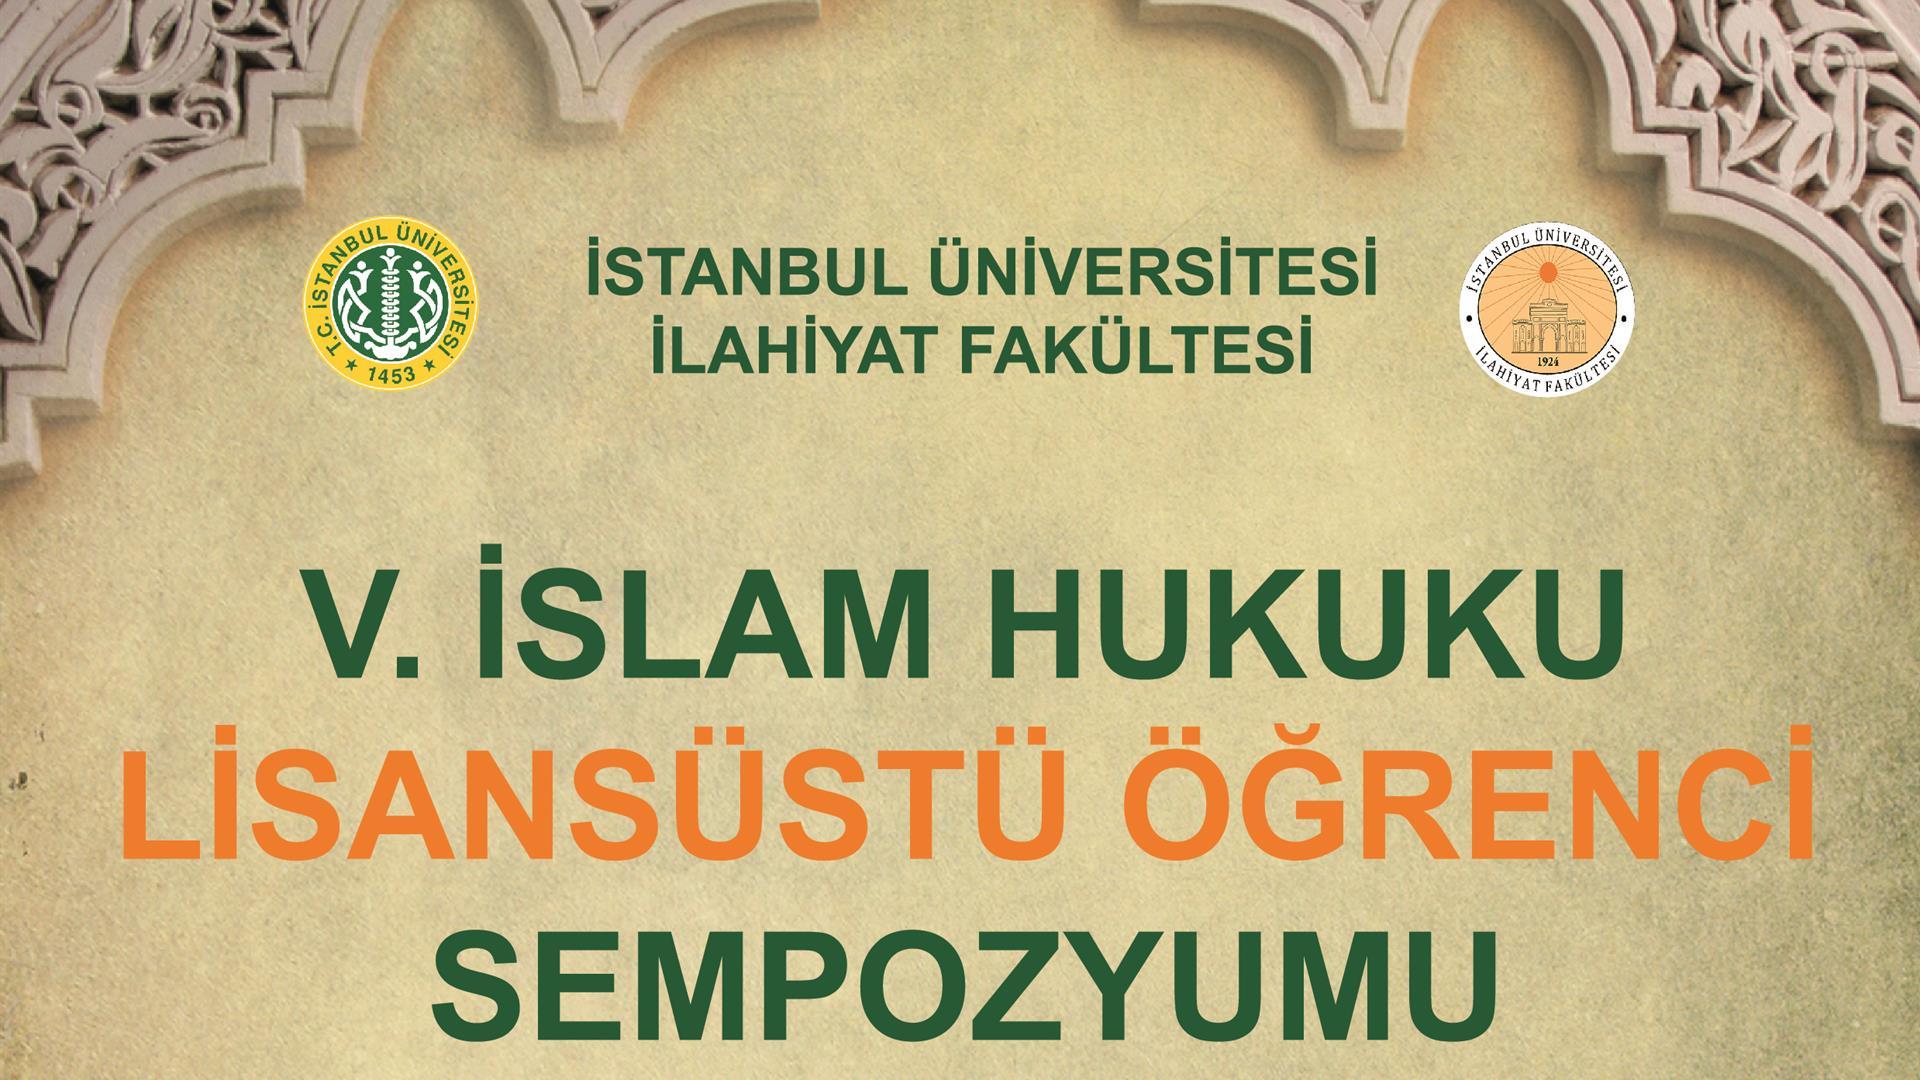 V.-İslam-Hukuku-Lisansüstü-Öğrenci-Sempozyumu